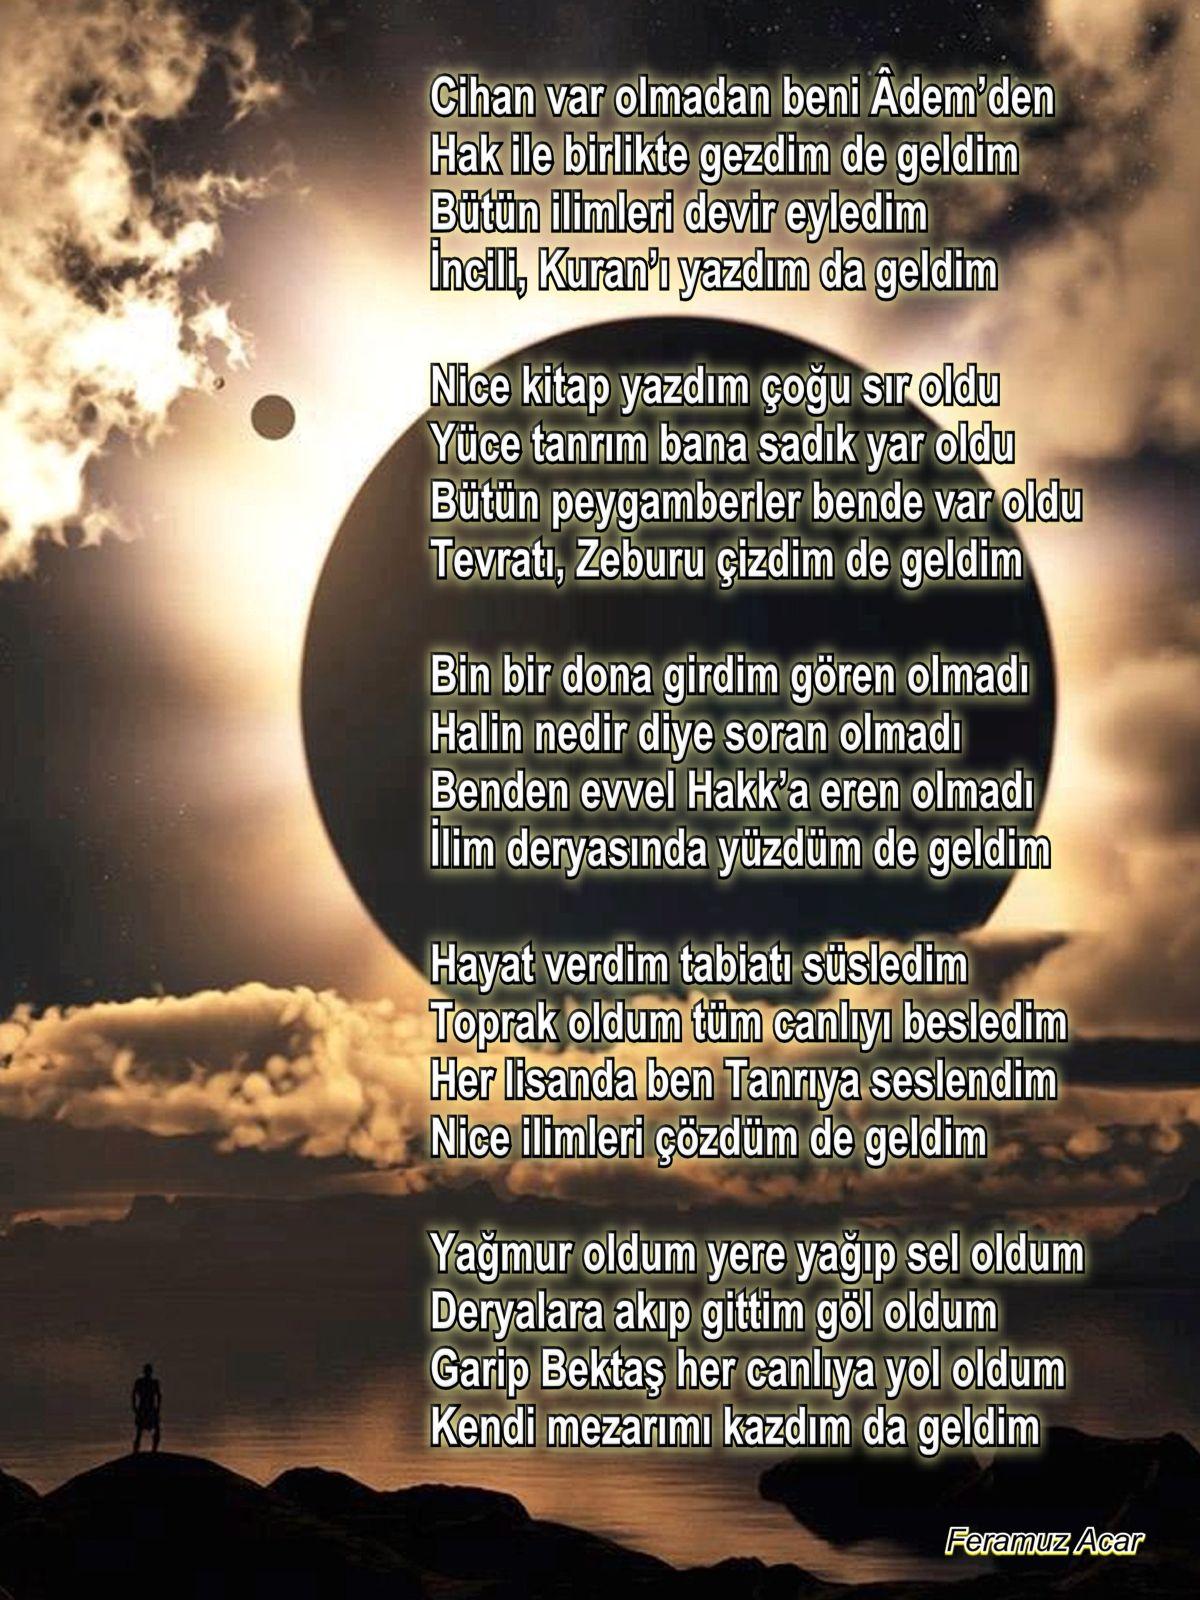 Devrimci Aleviler Birliği DAB Alevi Kızılbaş Bektaşi pir sultan cem hz Ali 12 imam semah Feramuz Şah Acar geldimgeldim